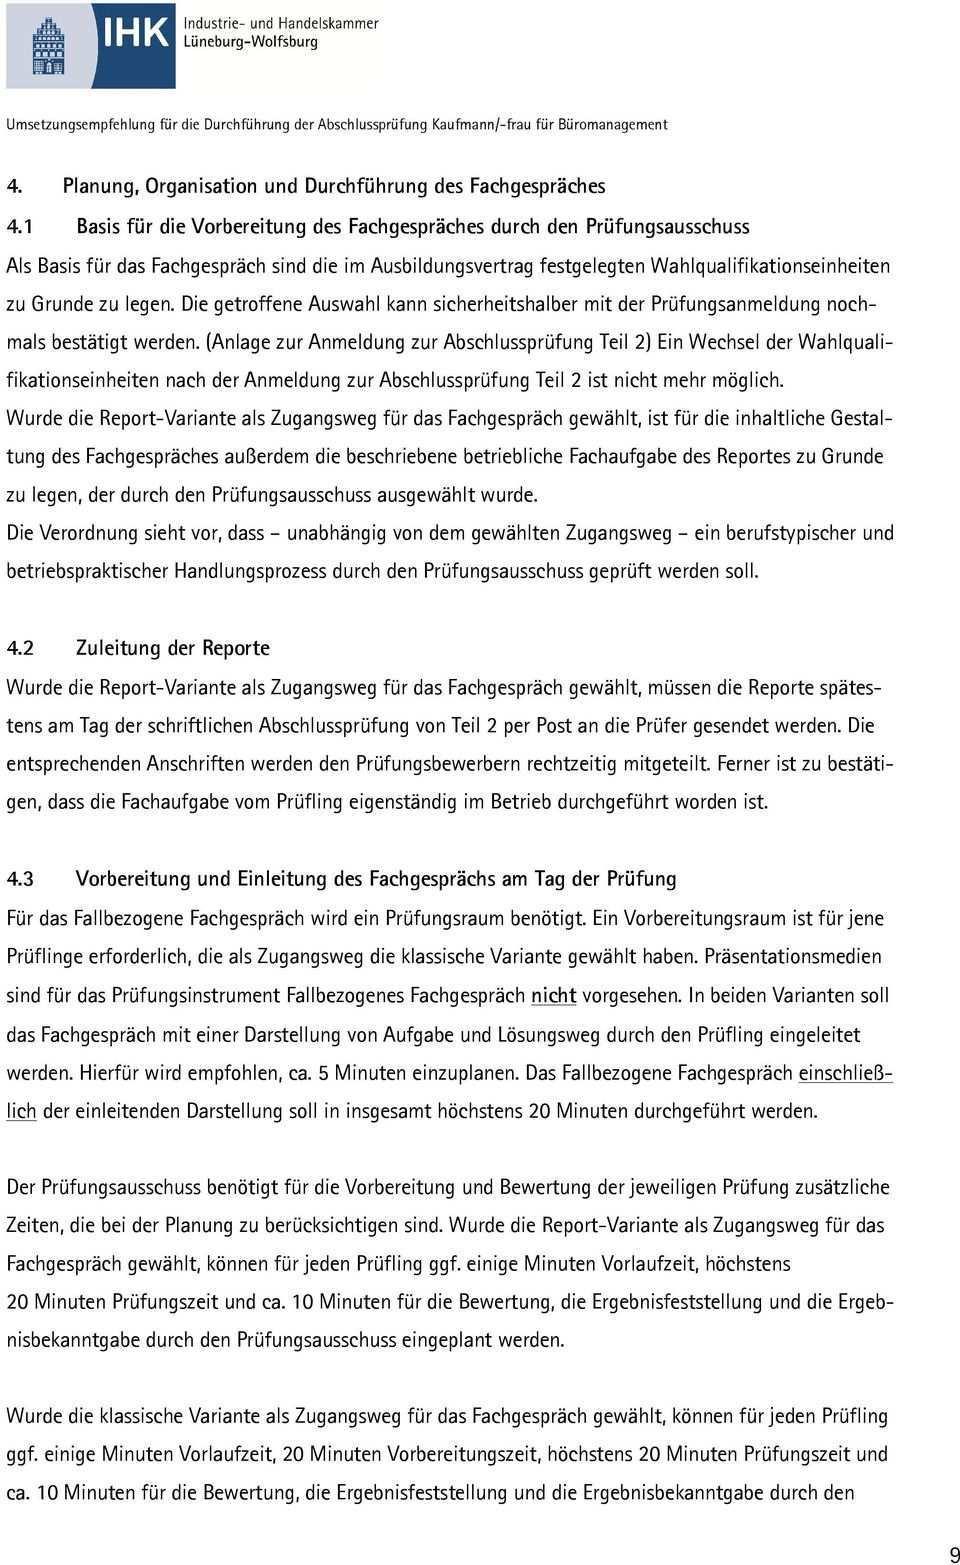 Informationsmaterial Fur Ausbilder Und Prufer Im Ausbildungsberuf Kaufmann Kauffrau Fur Buromanagement Pdf Free Download